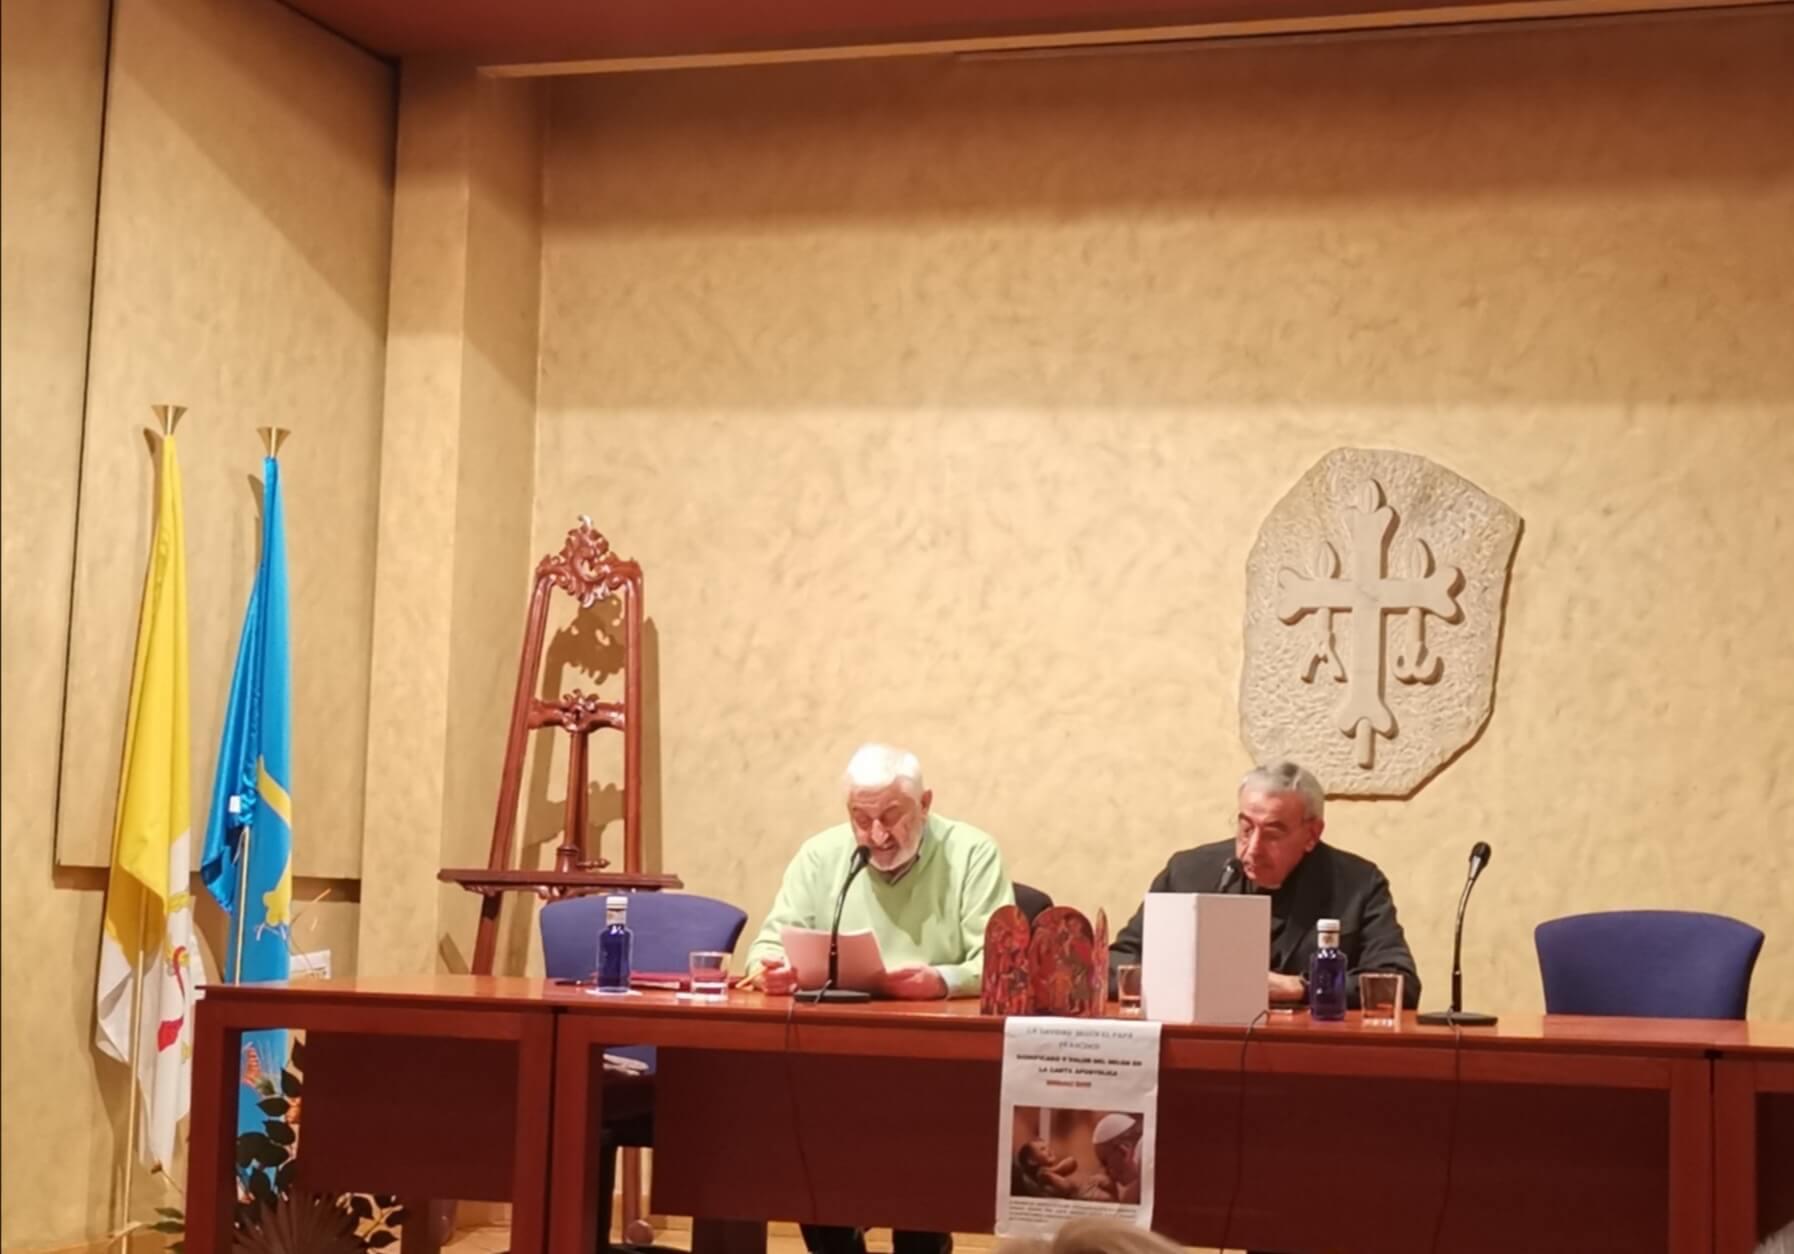 """Presentación de la Carta Apostólica """"Admirabile Signum"""" en la Basílica"""